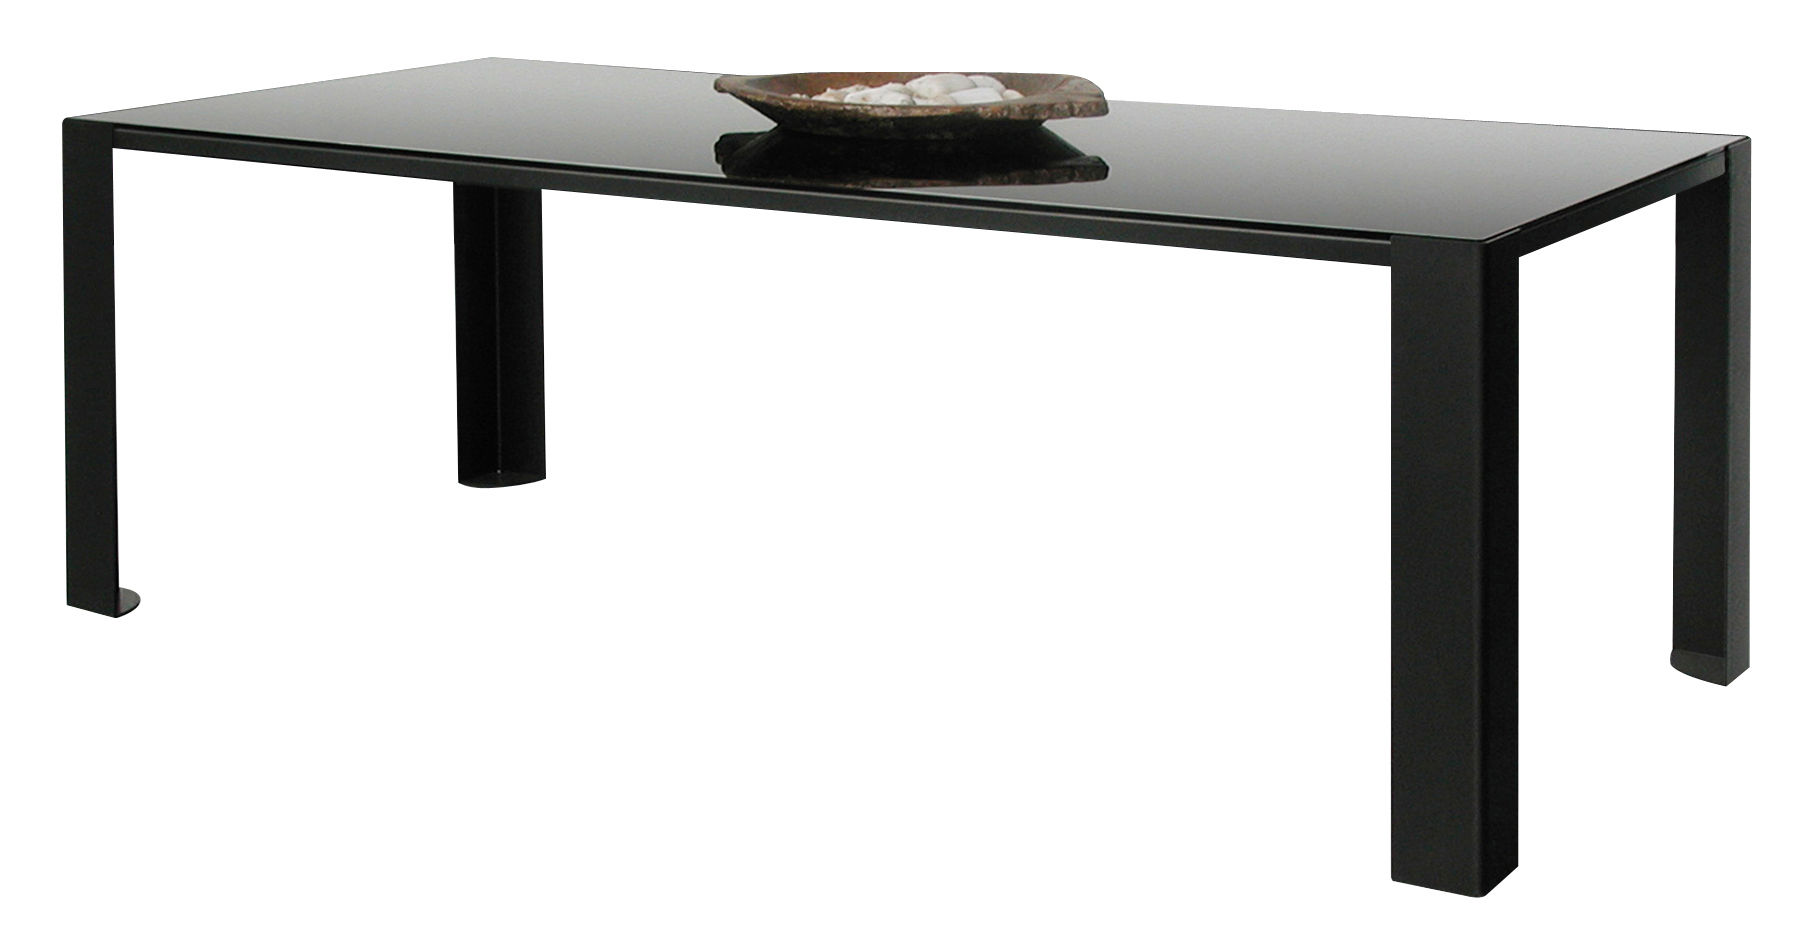 Mobilier - Tables - Table rectangulaire Big Irony Black Glass / Verre - L 200 cm - Zeus - L 200 cm / Verre noir - Acier peint, Verre